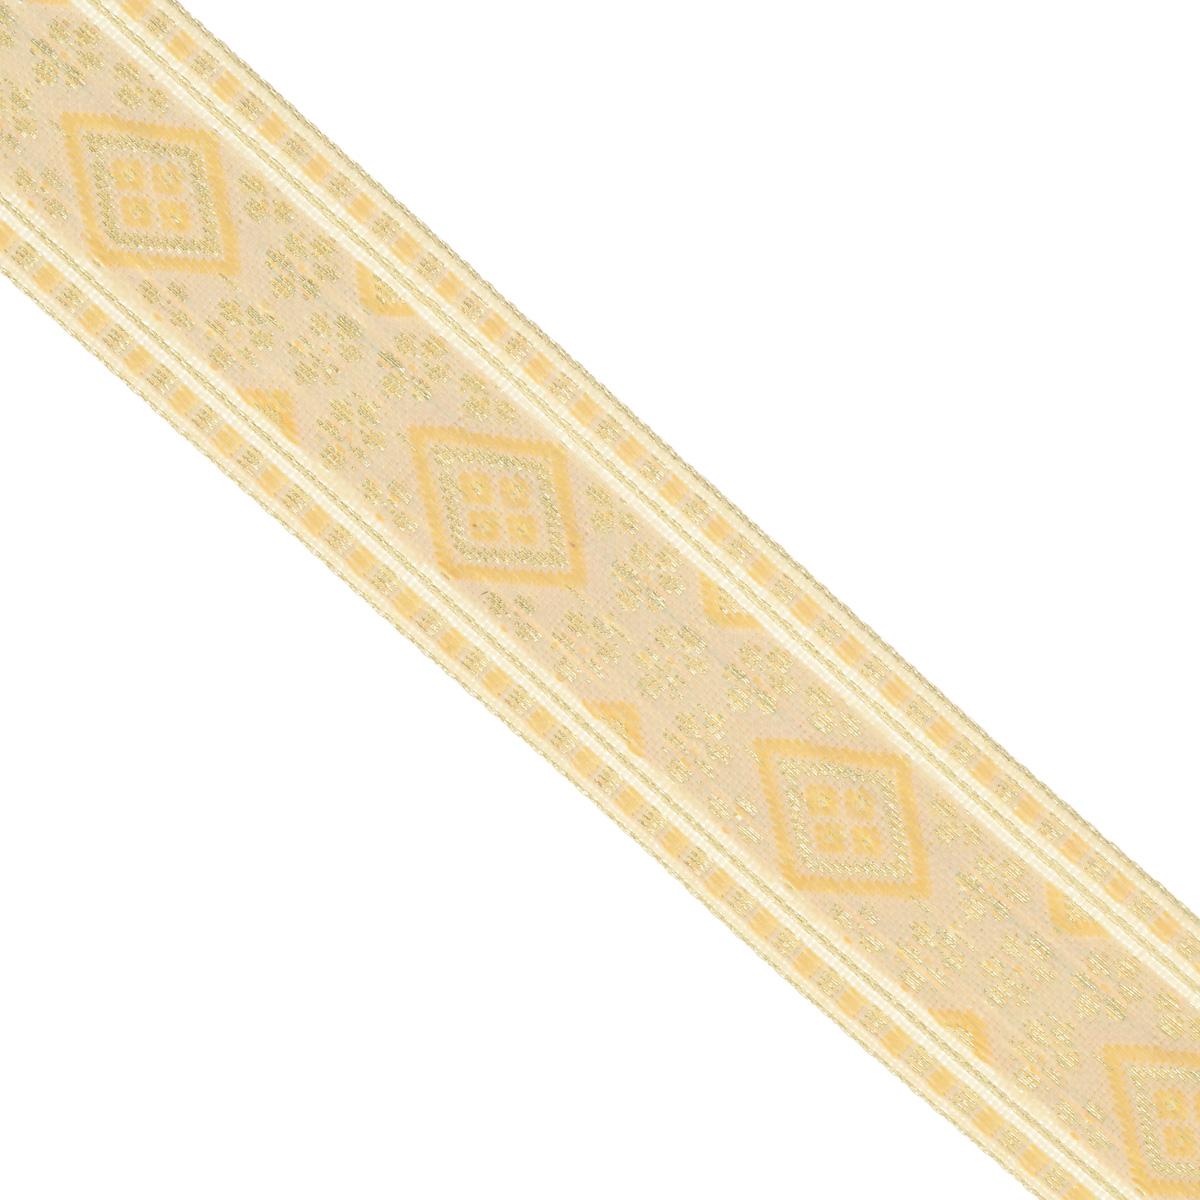 Тесьма декоративная Астра, цвет: слоновая кость (А32), ширина 2,5 см, длина 16,4 м. 77033297703329_А32Декоративная тесьма Астра выполнена из текстиля и оформлена оригинальным орнаментом. Такая тесьма идеально подойдет для оформления различных творческих работ таких, как скрапбукинг, аппликация, декор коробок и открыток и многое другое. Тесьма наивысшего качества и практична в использовании. Она станет незаменимым элементом в создании рукотворного шедевра. Ширина: 2,5 см.Длина: 16,4 м.